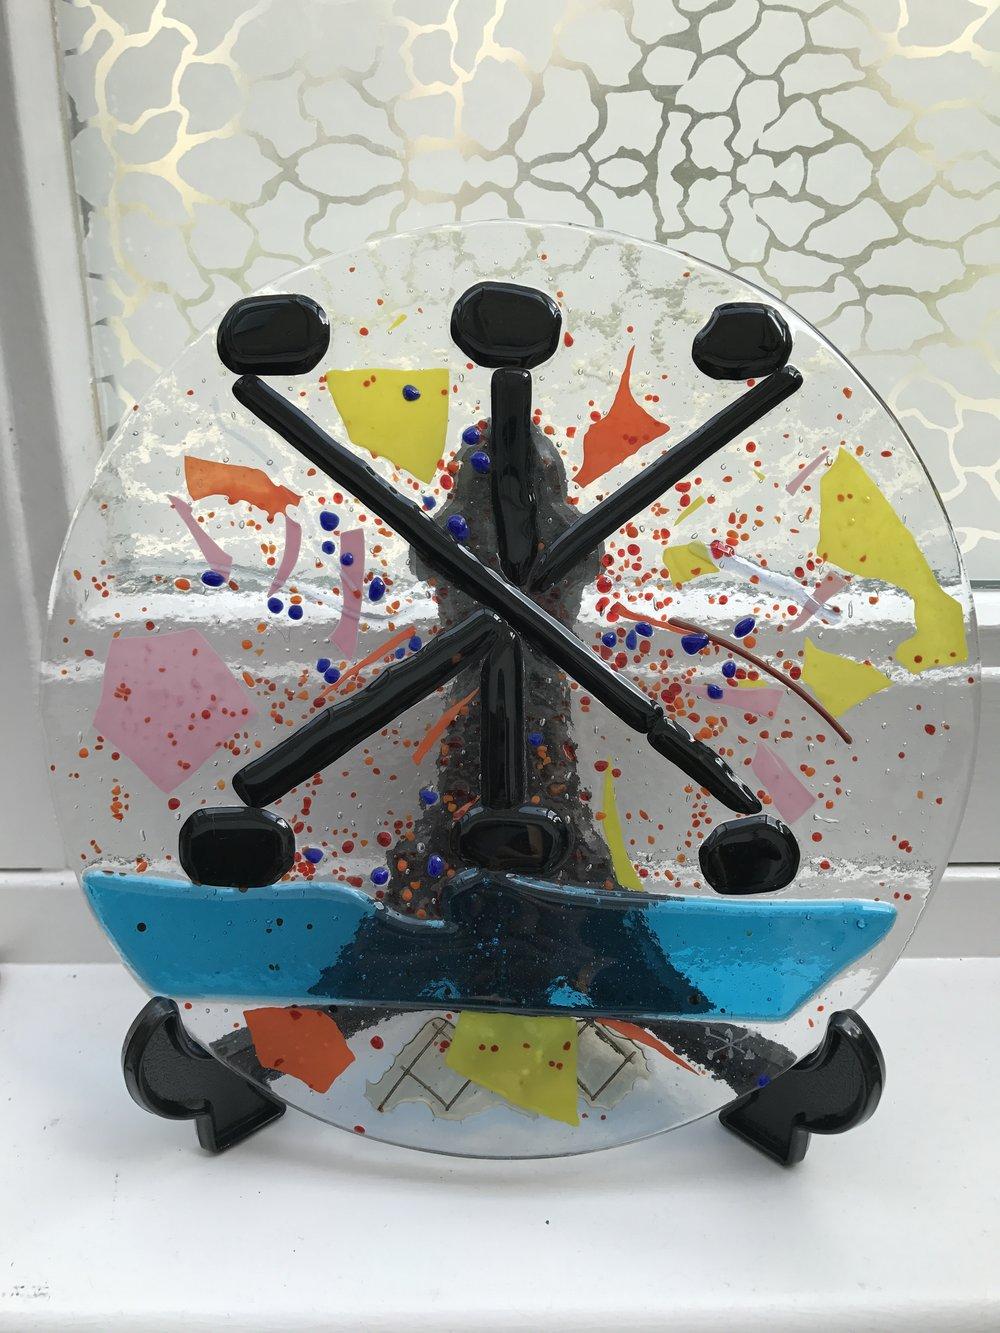 Award, glass object by Bikkel, founder Gallery Kunst aan de Kade